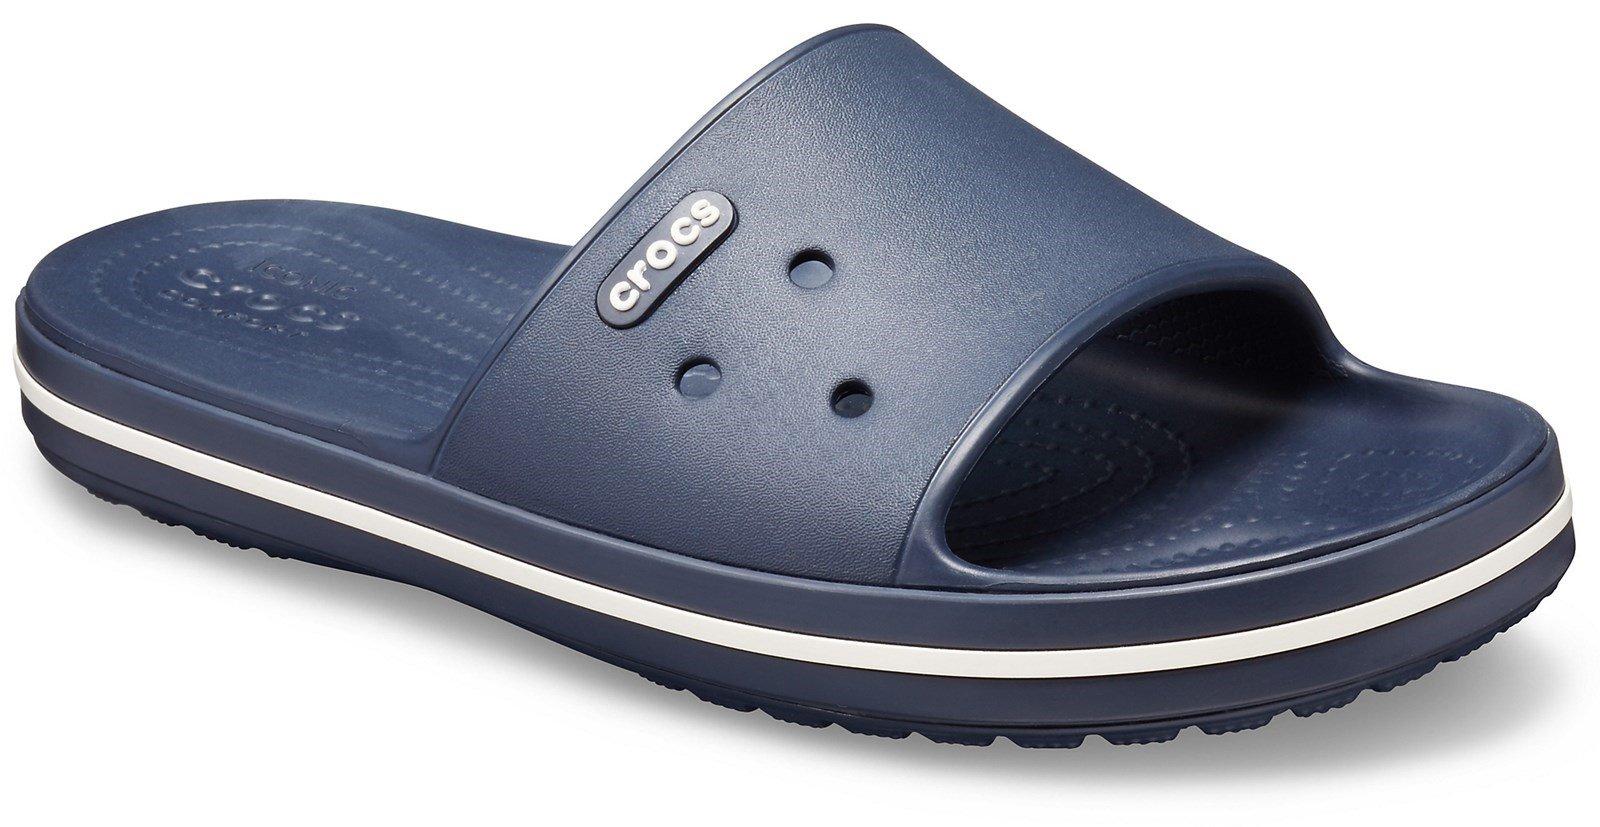 Crocs Women's Crocband III Slide Slip On Flip Flop Various Colours 28727 - Navy/White 3